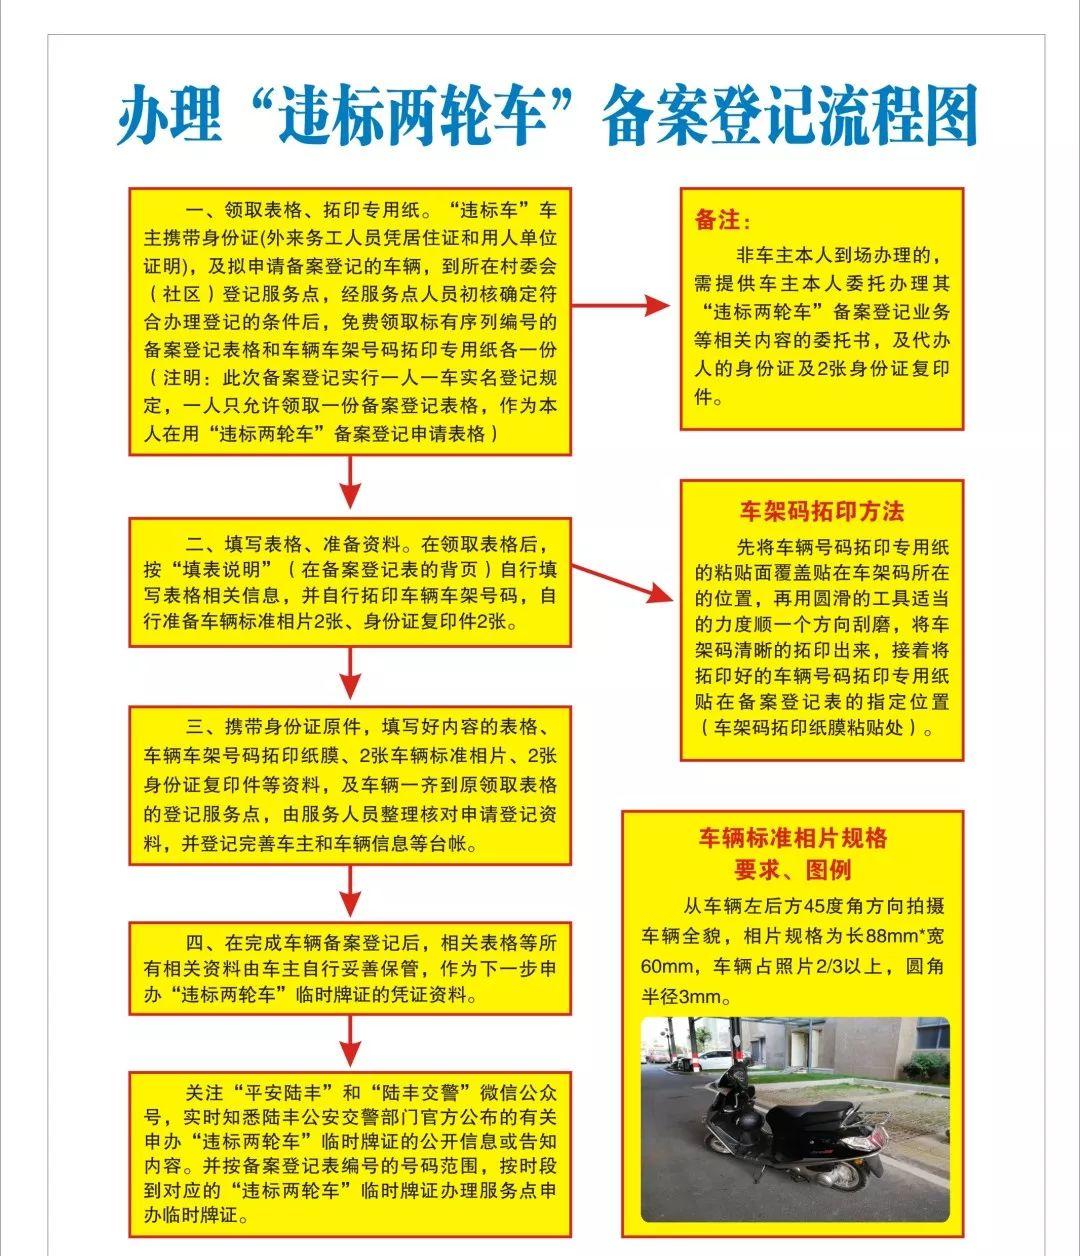 陆丰摩托车、电动车备案登记开始 12月31日截止 陆丰新闻 第12张